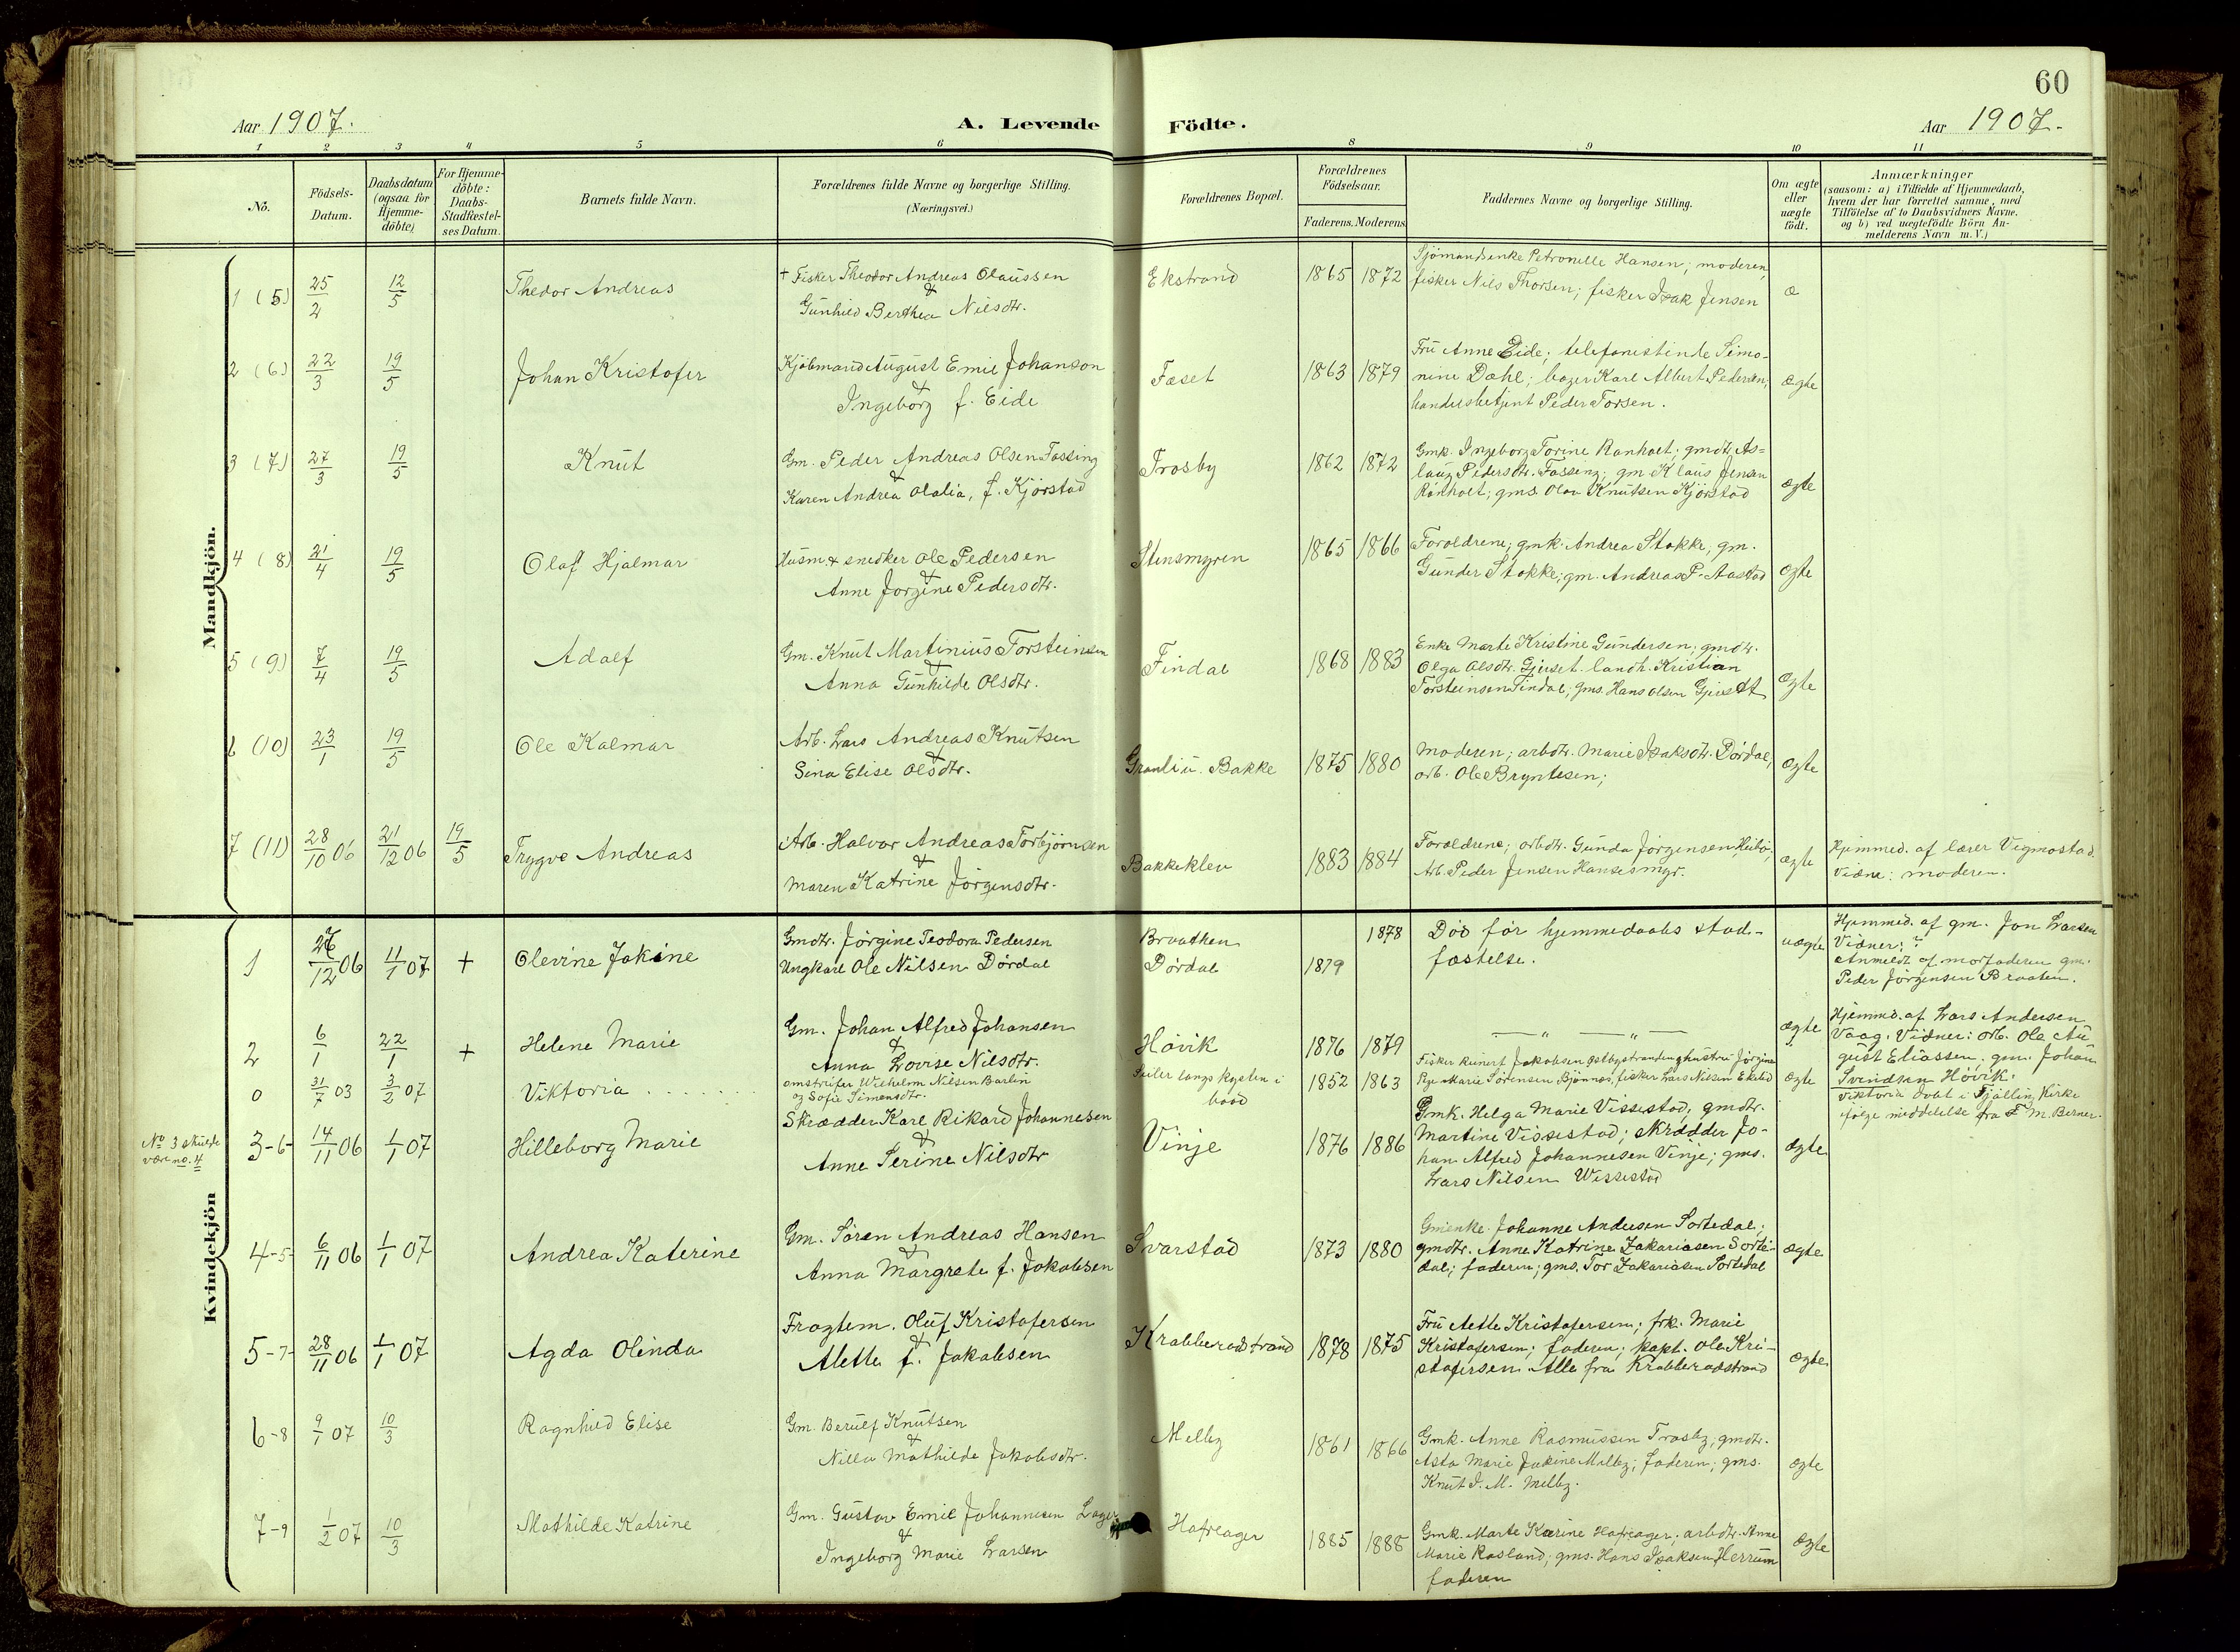 SAKO, Bamble kirkebøker, G/Ga/L0010: Klokkerbok nr. I 10, 1901-1919, s. 60